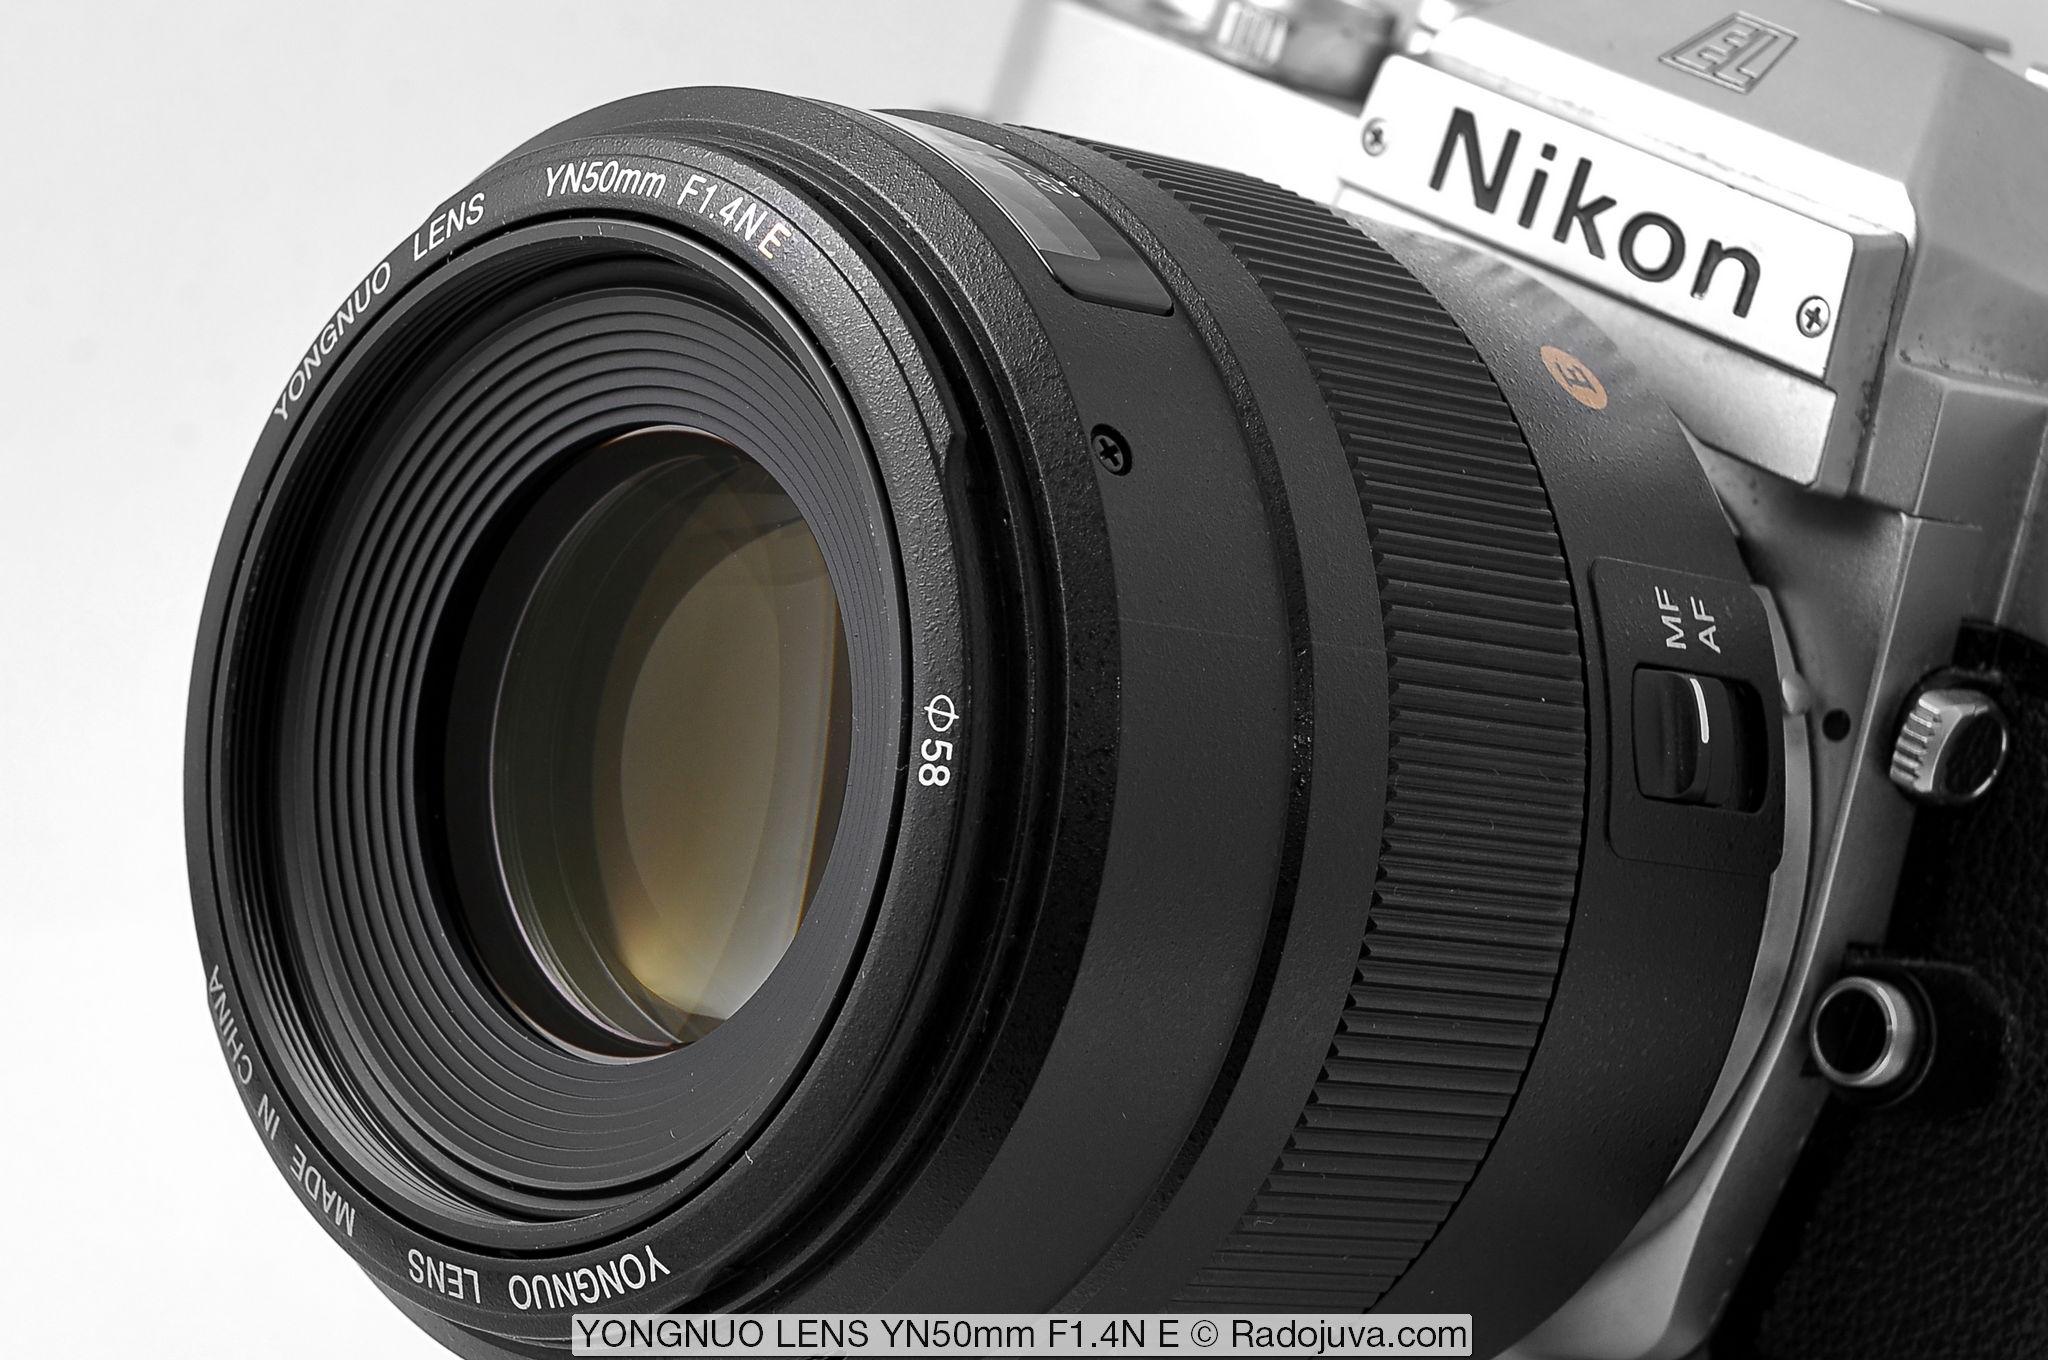 YONGNUO LENS YN50mm F1.4N